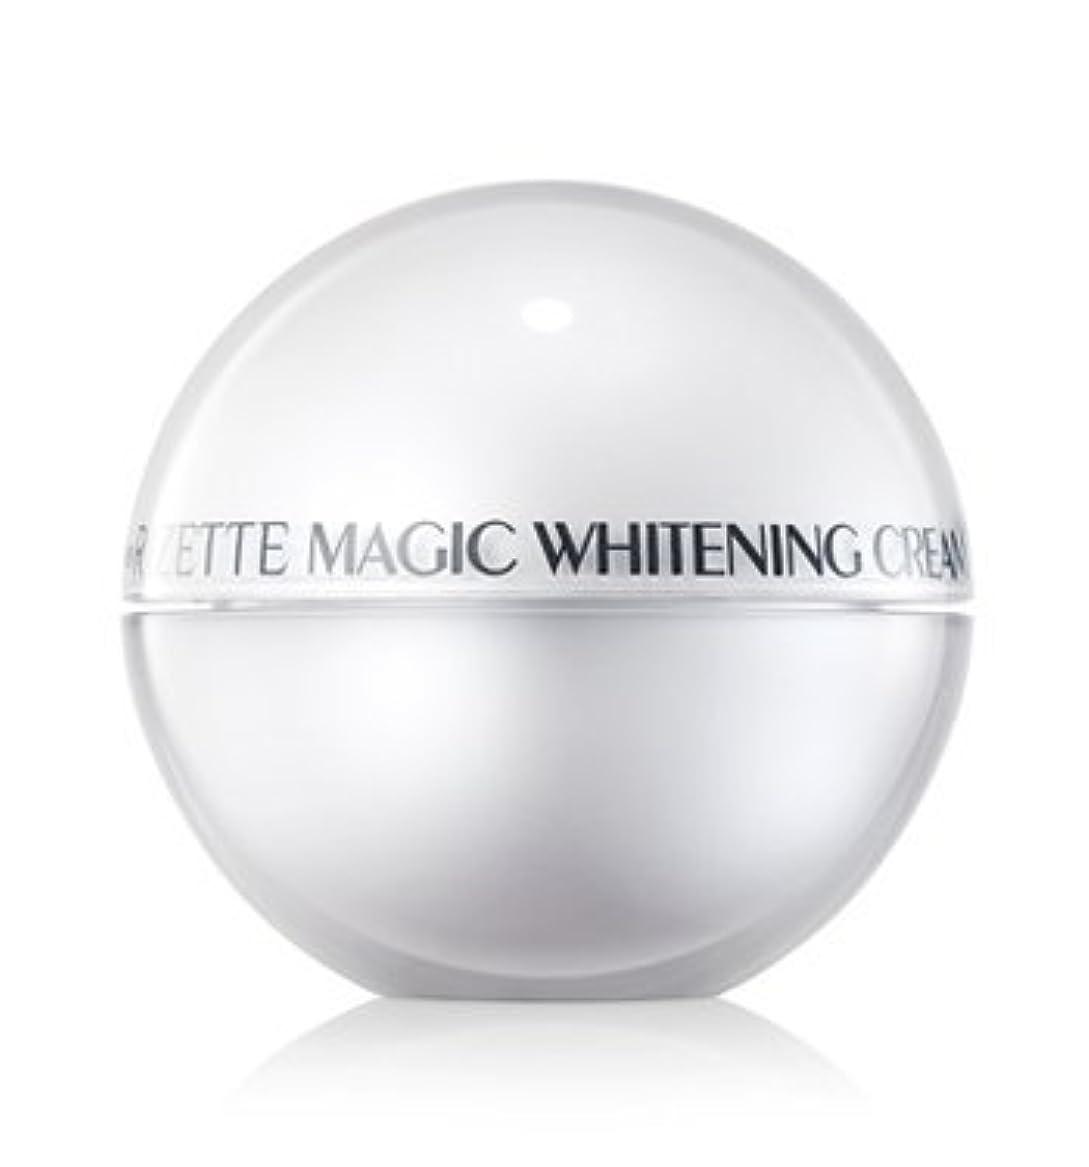 実験をする明示的にランドリーリオエリ(Lioele) Rizette マジック ホワイトニング クリーム プラス/ Lioele Rizette Magic Whitening Cream Plus[並行輸入品]